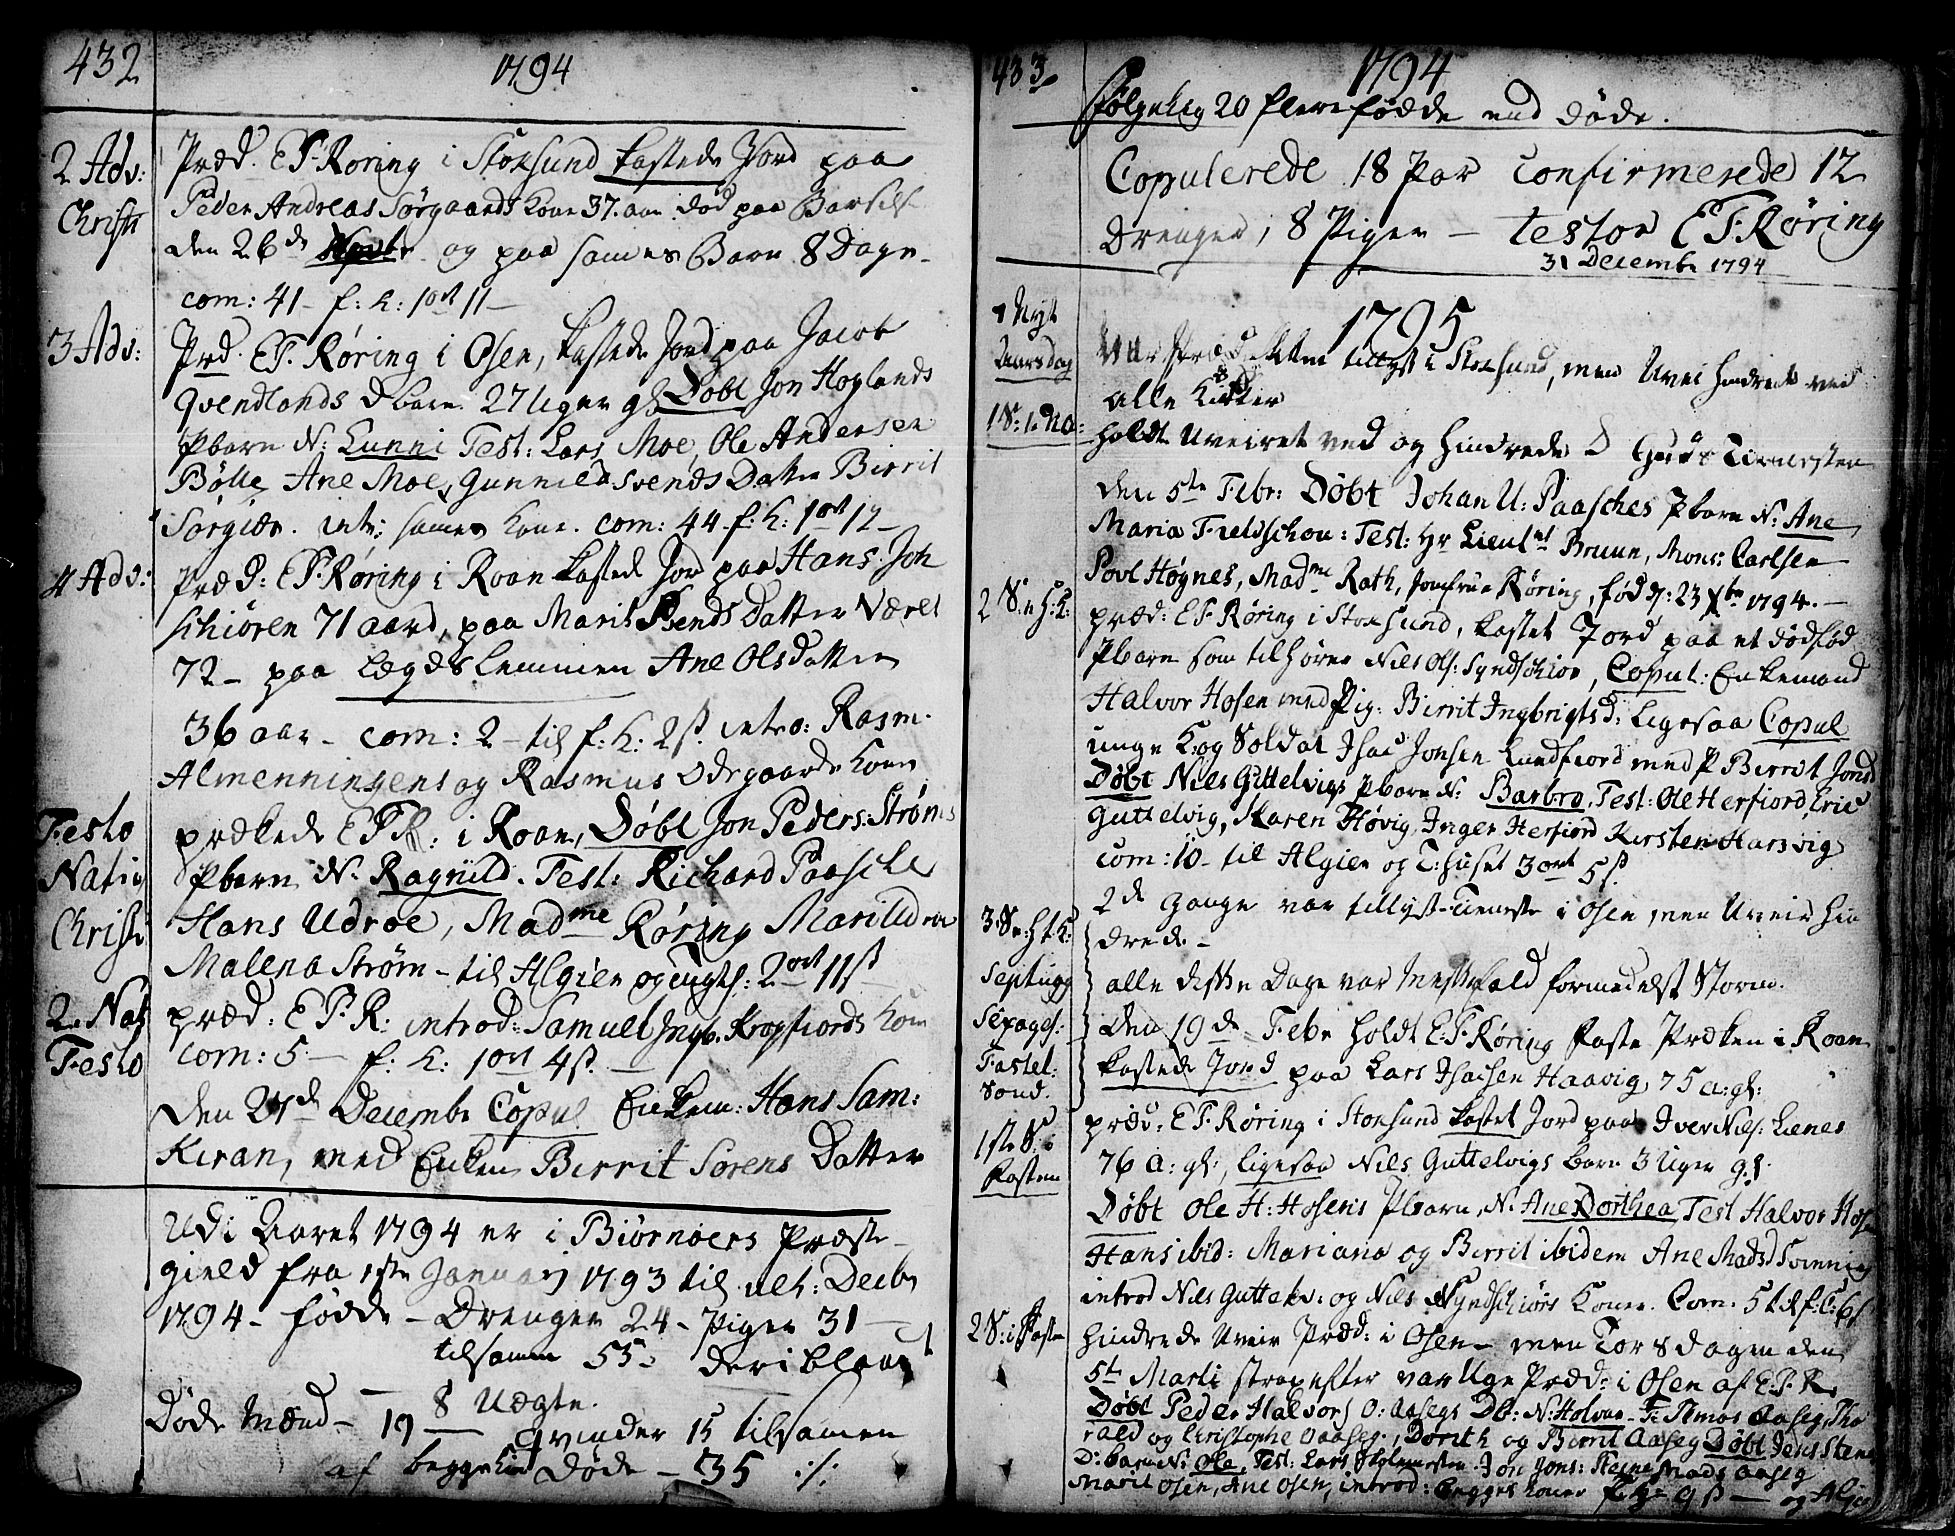 SAT, Ministerialprotokoller, klokkerbøker og fødselsregistre - Sør-Trøndelag, 657/L0700: Ministerialbok nr. 657A01, 1732-1801, s. 432-433